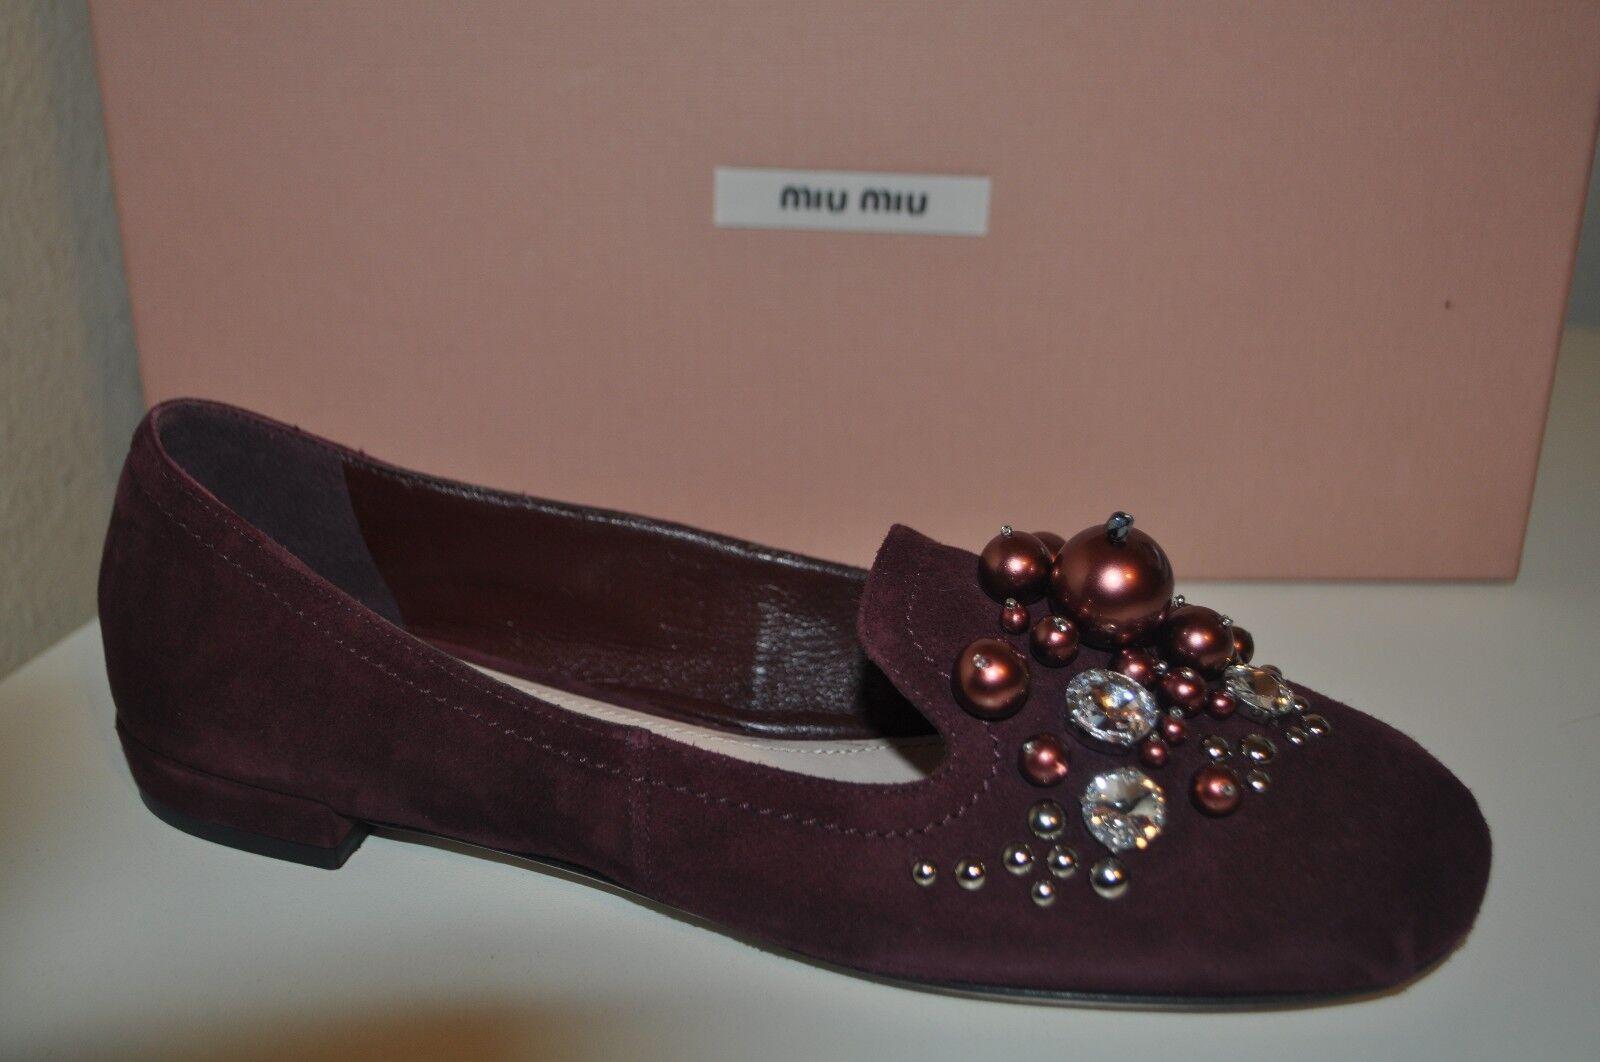 NIB Miu Miu Crystal Jeweled Pearl Embellished Loafer Flat shoes Velvet Purple 36